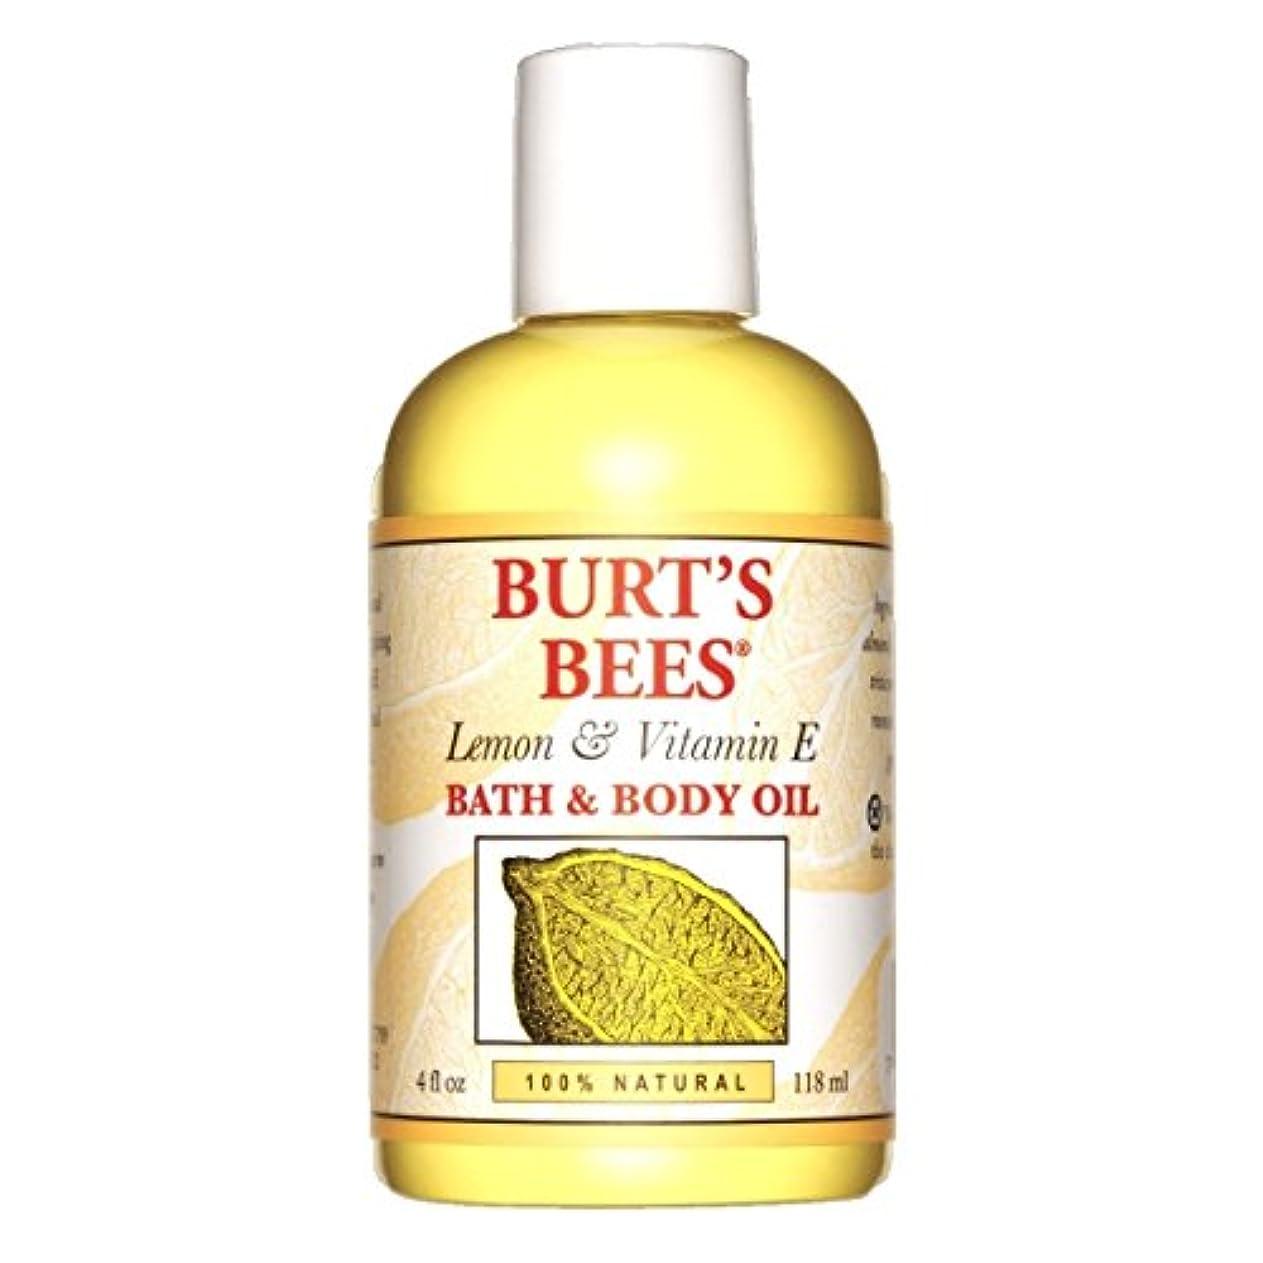 パイル手紙を書く新着バーツビーズ(Burt's Bees) レモン&ビタミンE バスアンドボディオイル 118ml [海外直送品][並行輸入品]